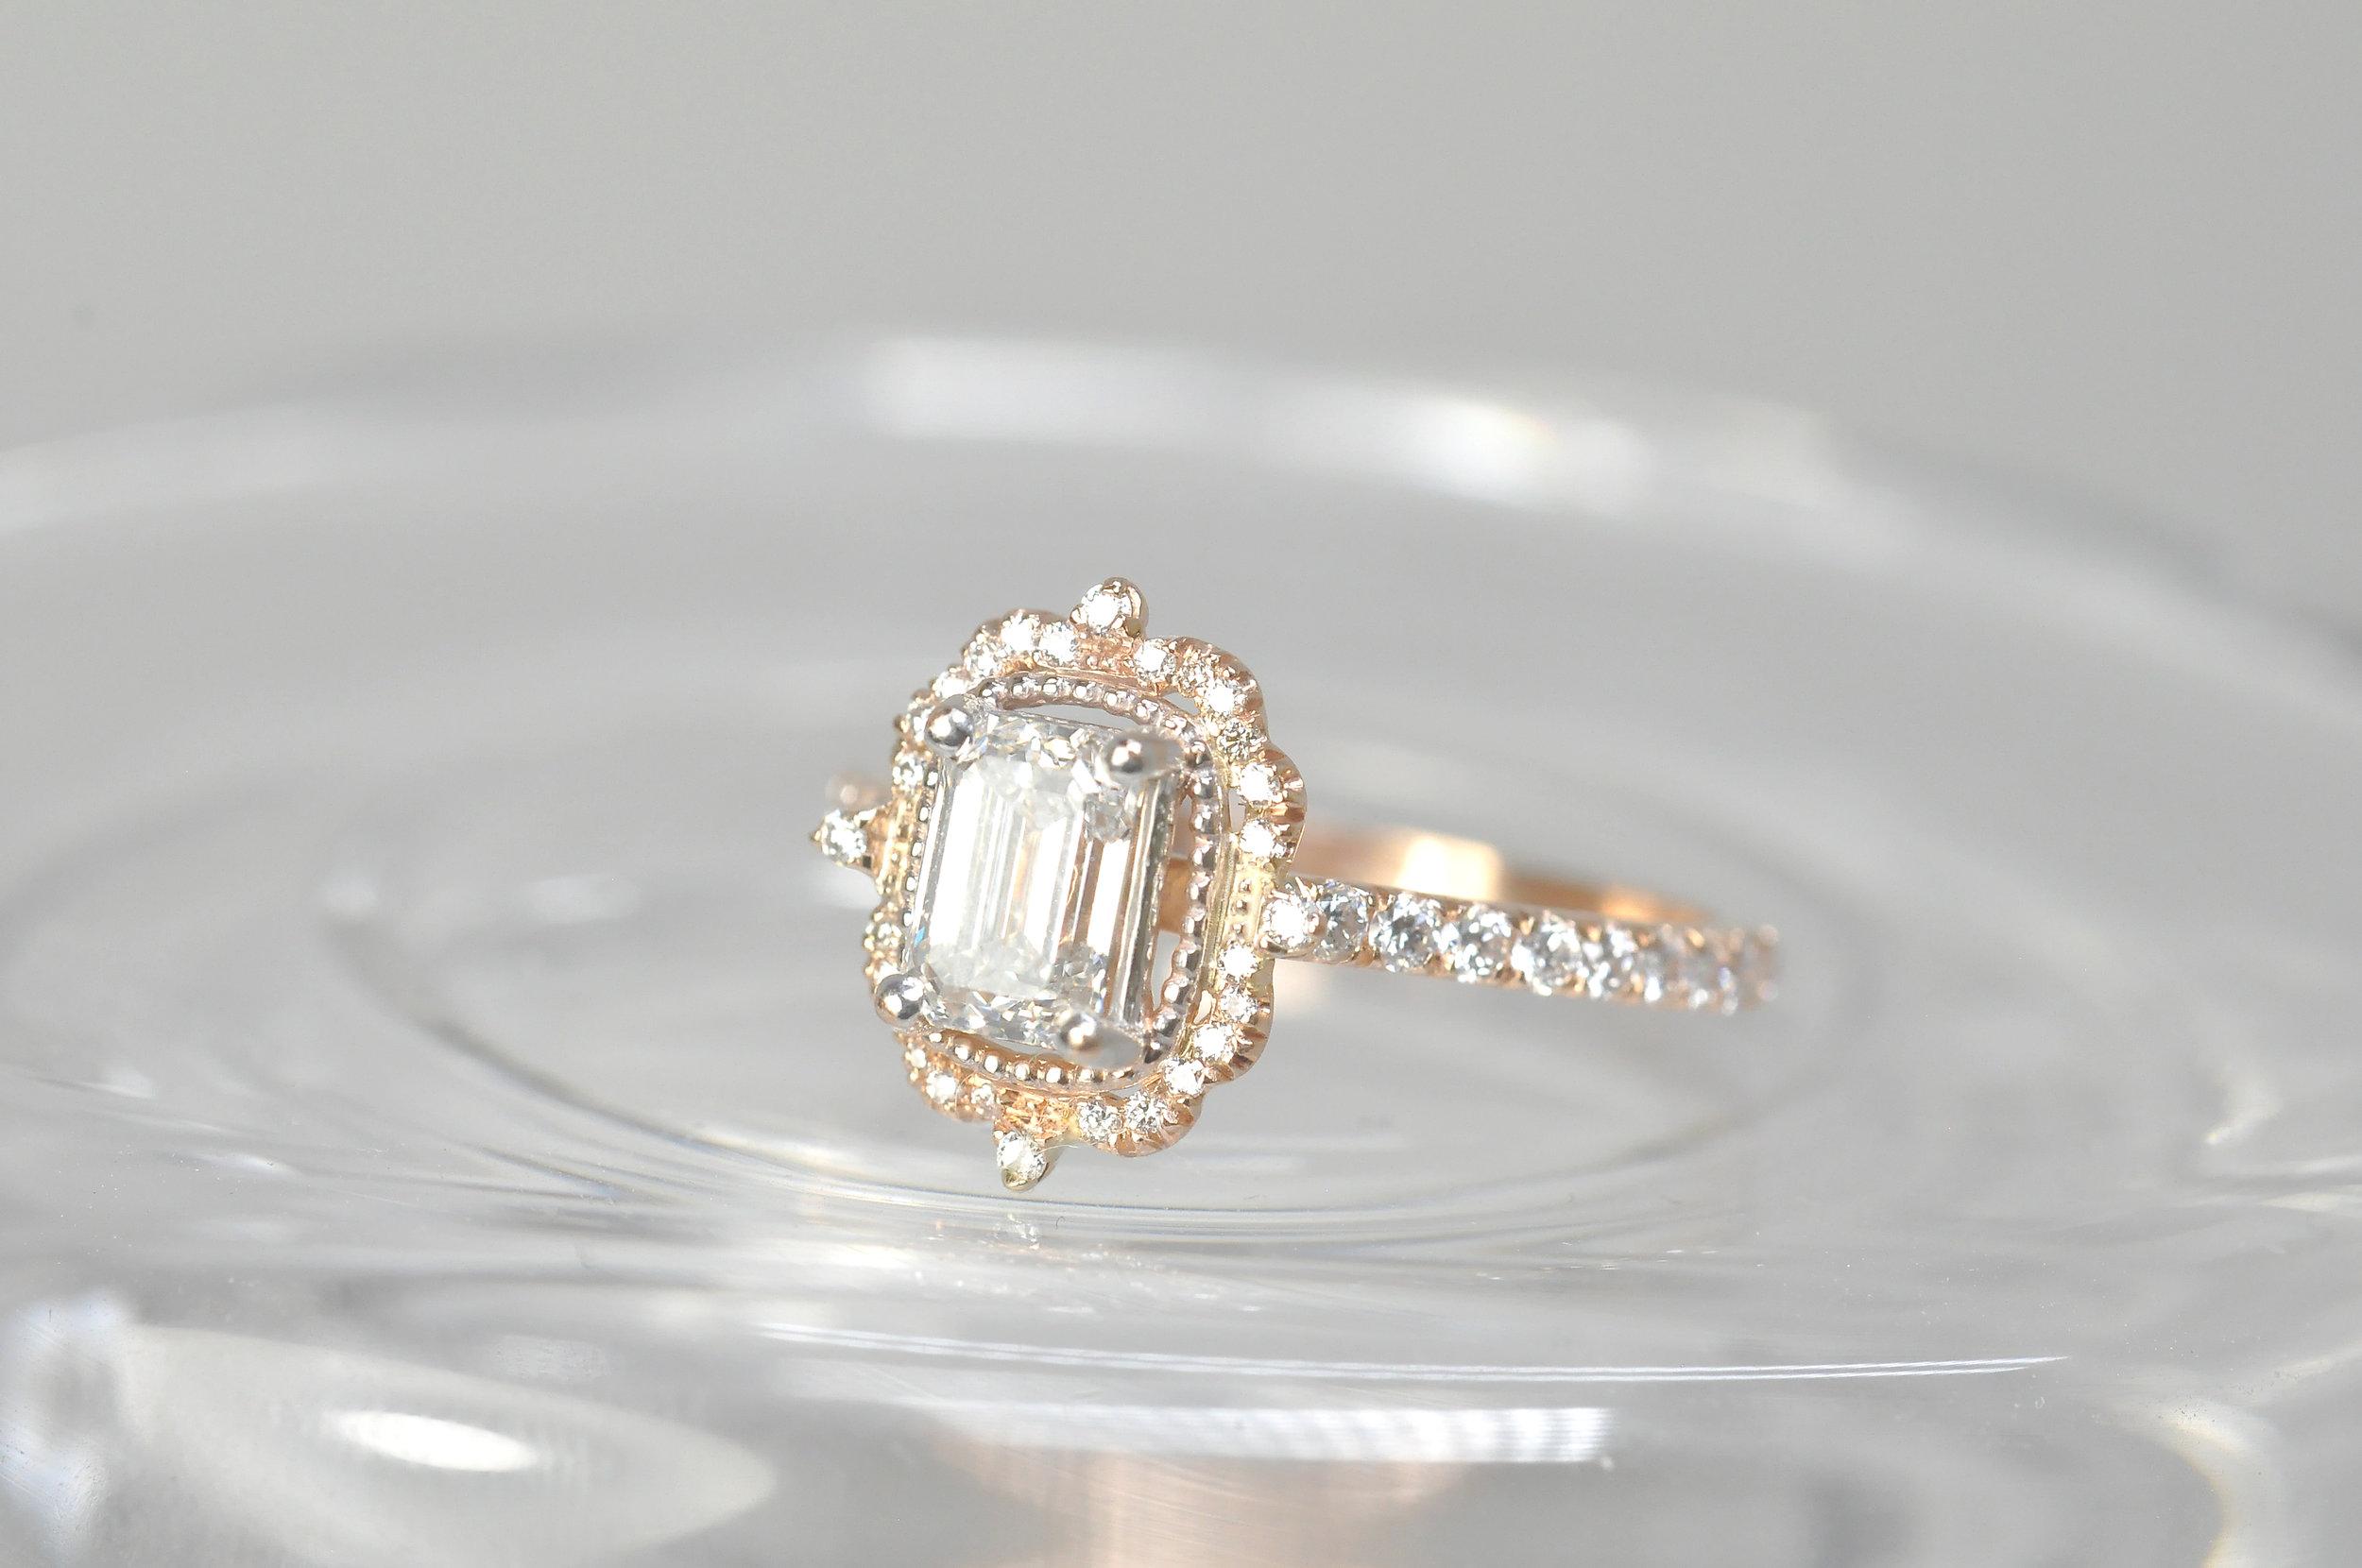 1 Carat Engagement Ring Toronto.jpg